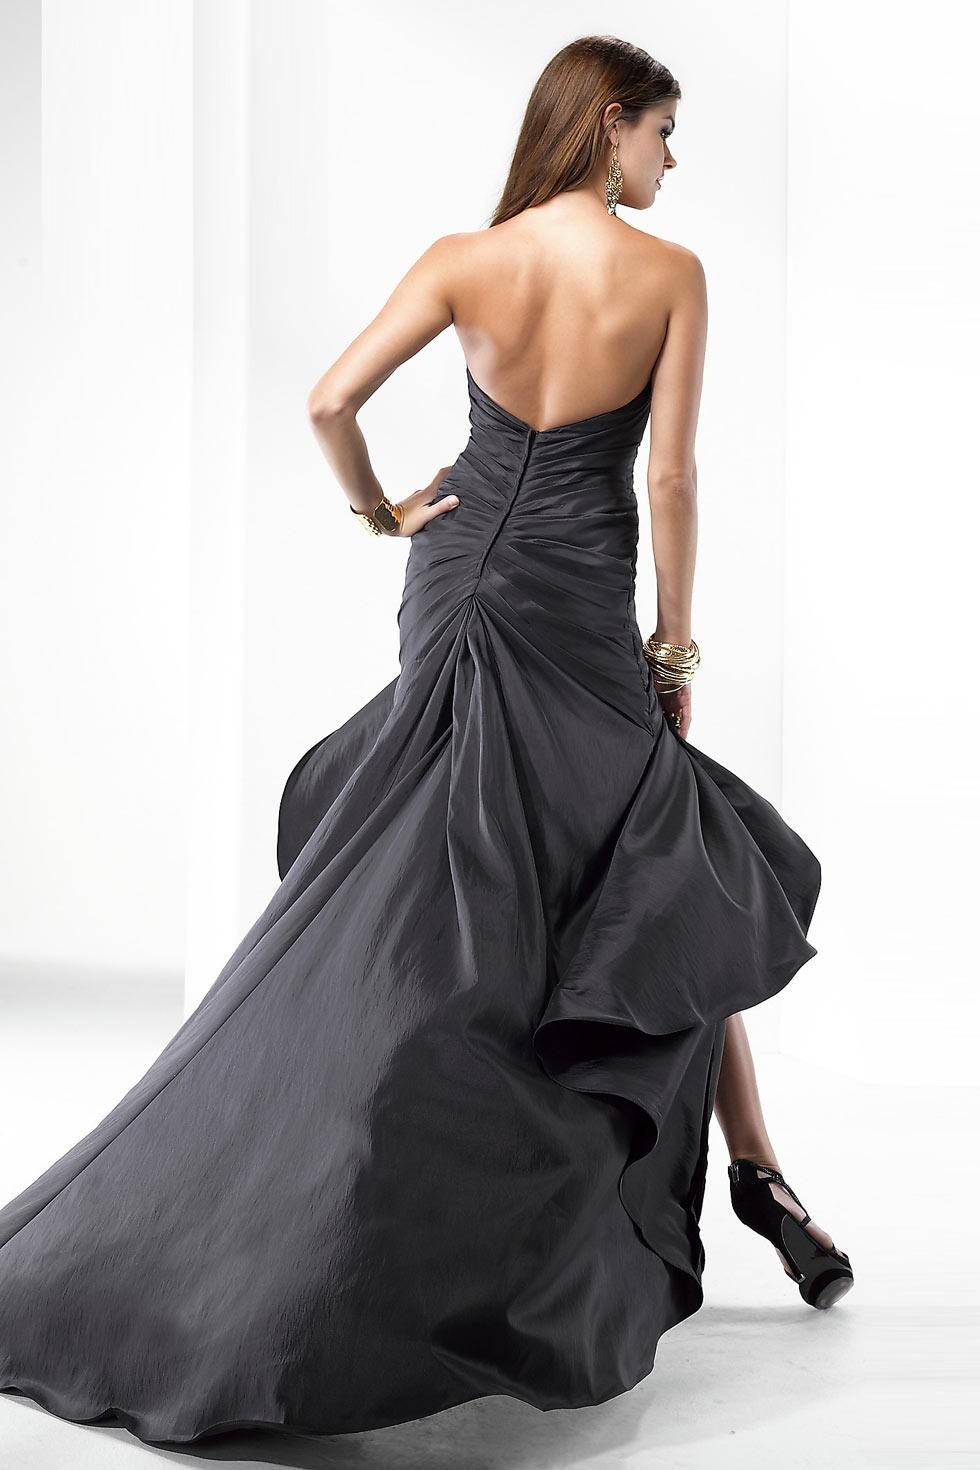 boutique robe ceremonie femme noire dos nu